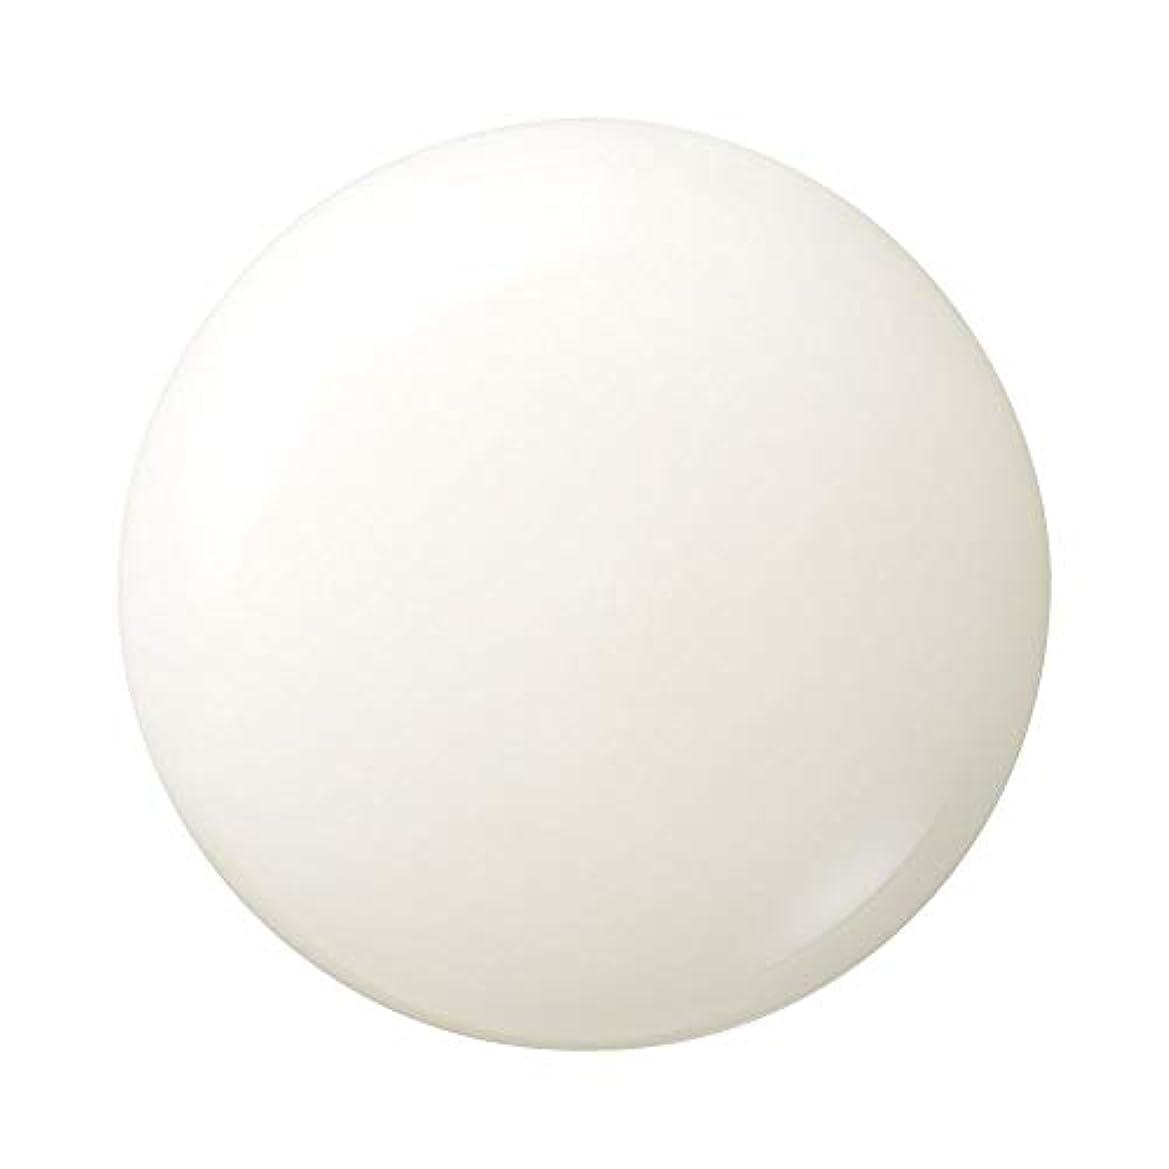 詐欺師前件ずんぐりした[Shiseido] 資生堂の男性がRevitaliser光液80ミリリットルを合計します - Shiseido Men Total Revitaliser Light Fluid 80ml [並行輸入品]